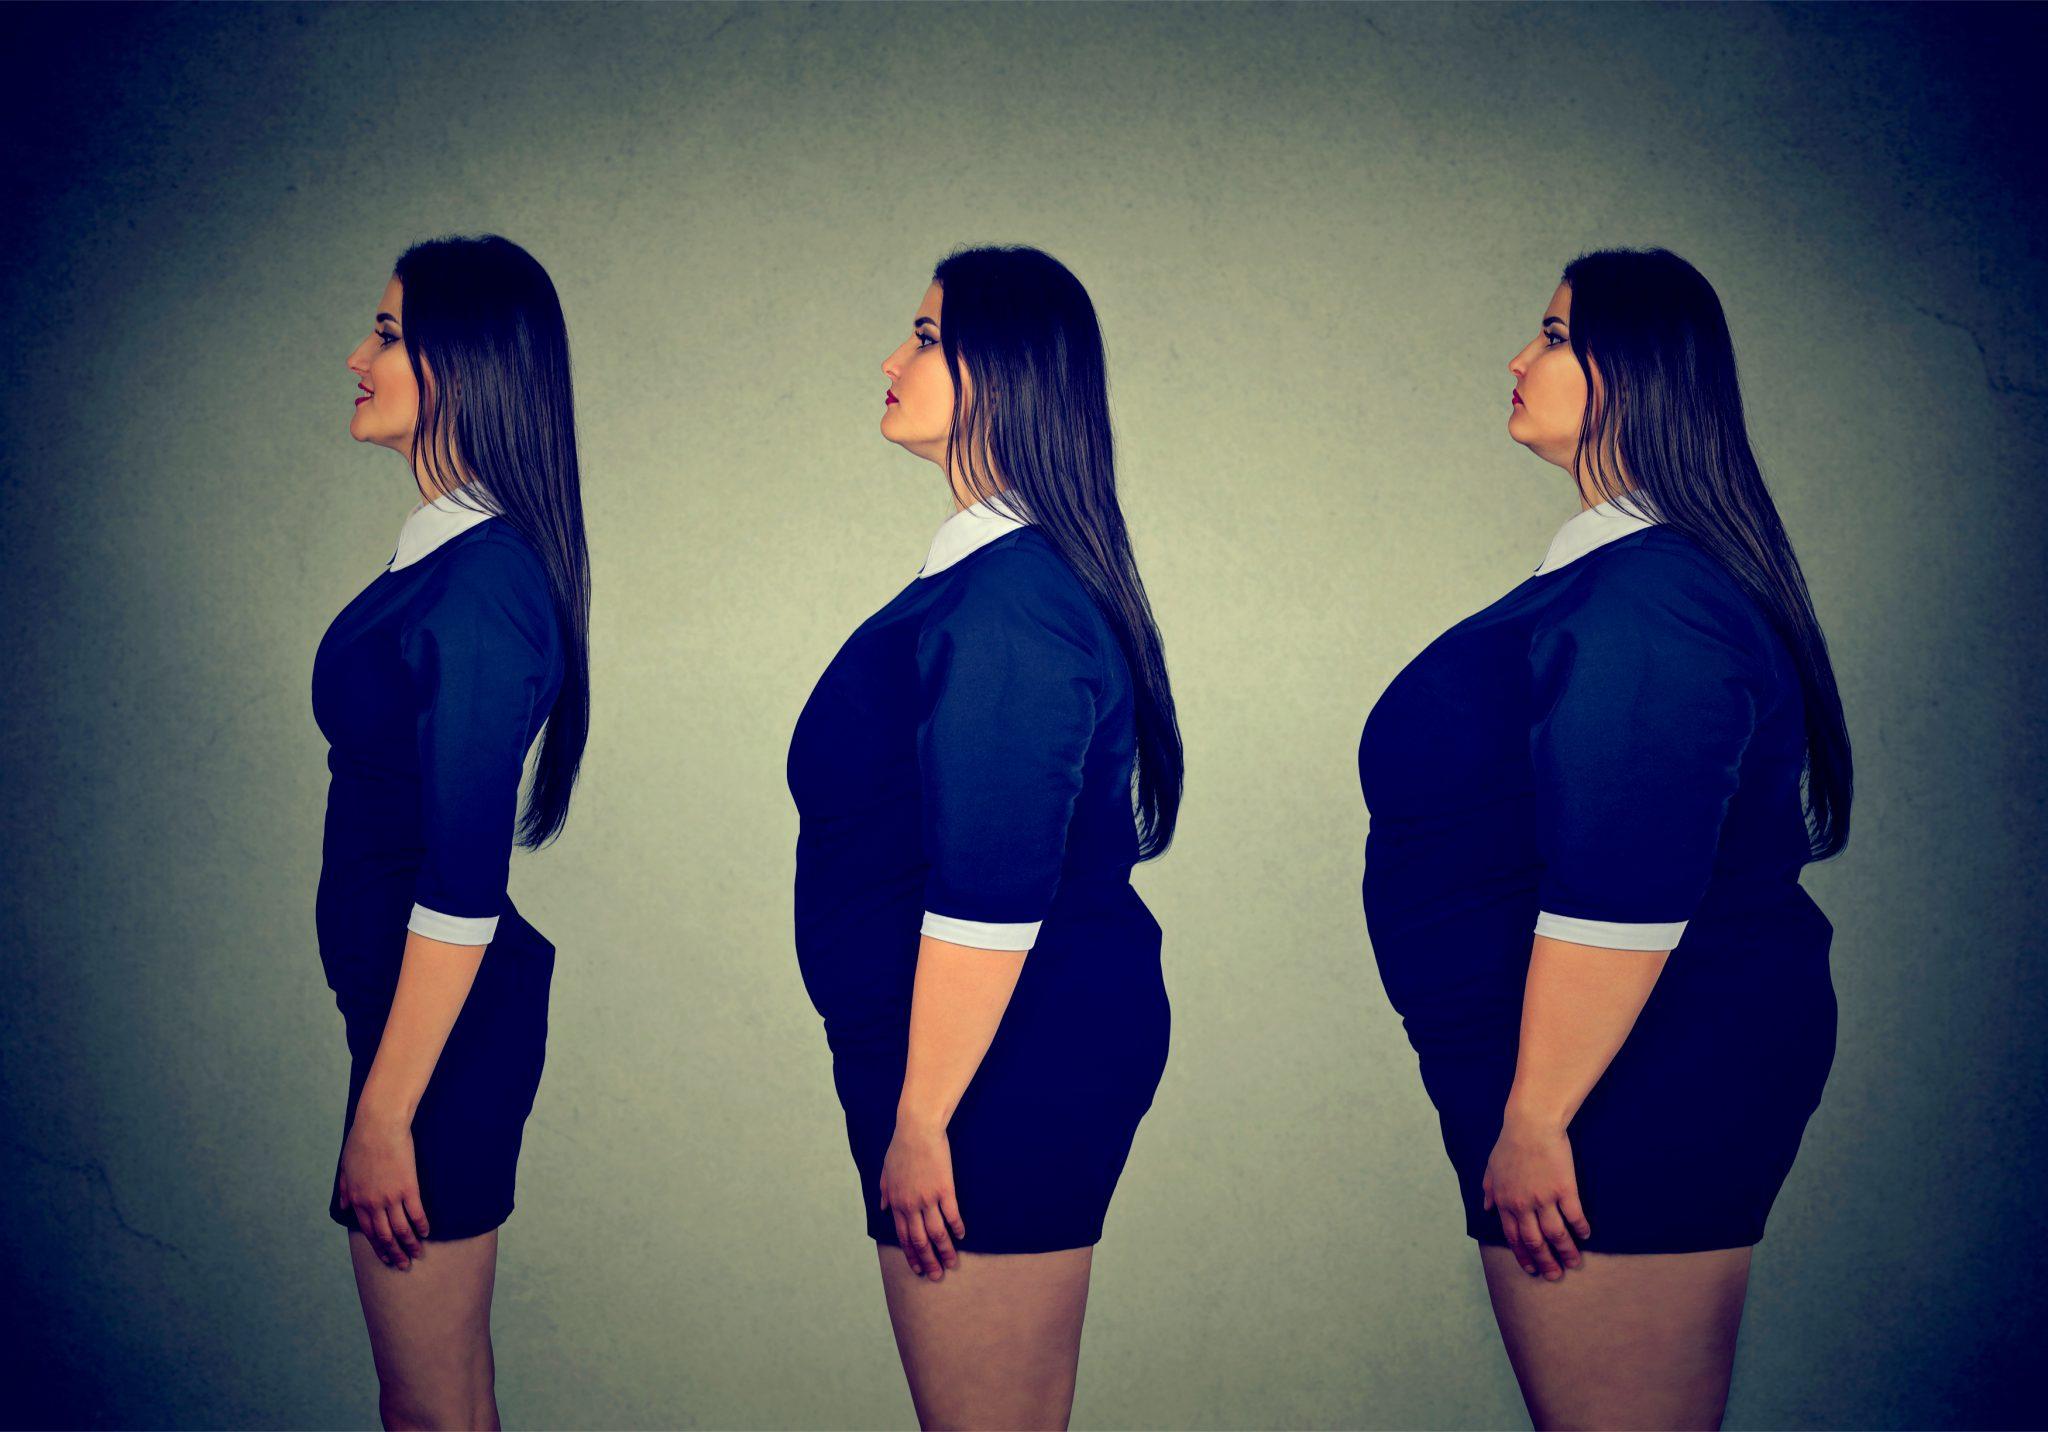 ダイエットした女性の太っている時期からの軌跡